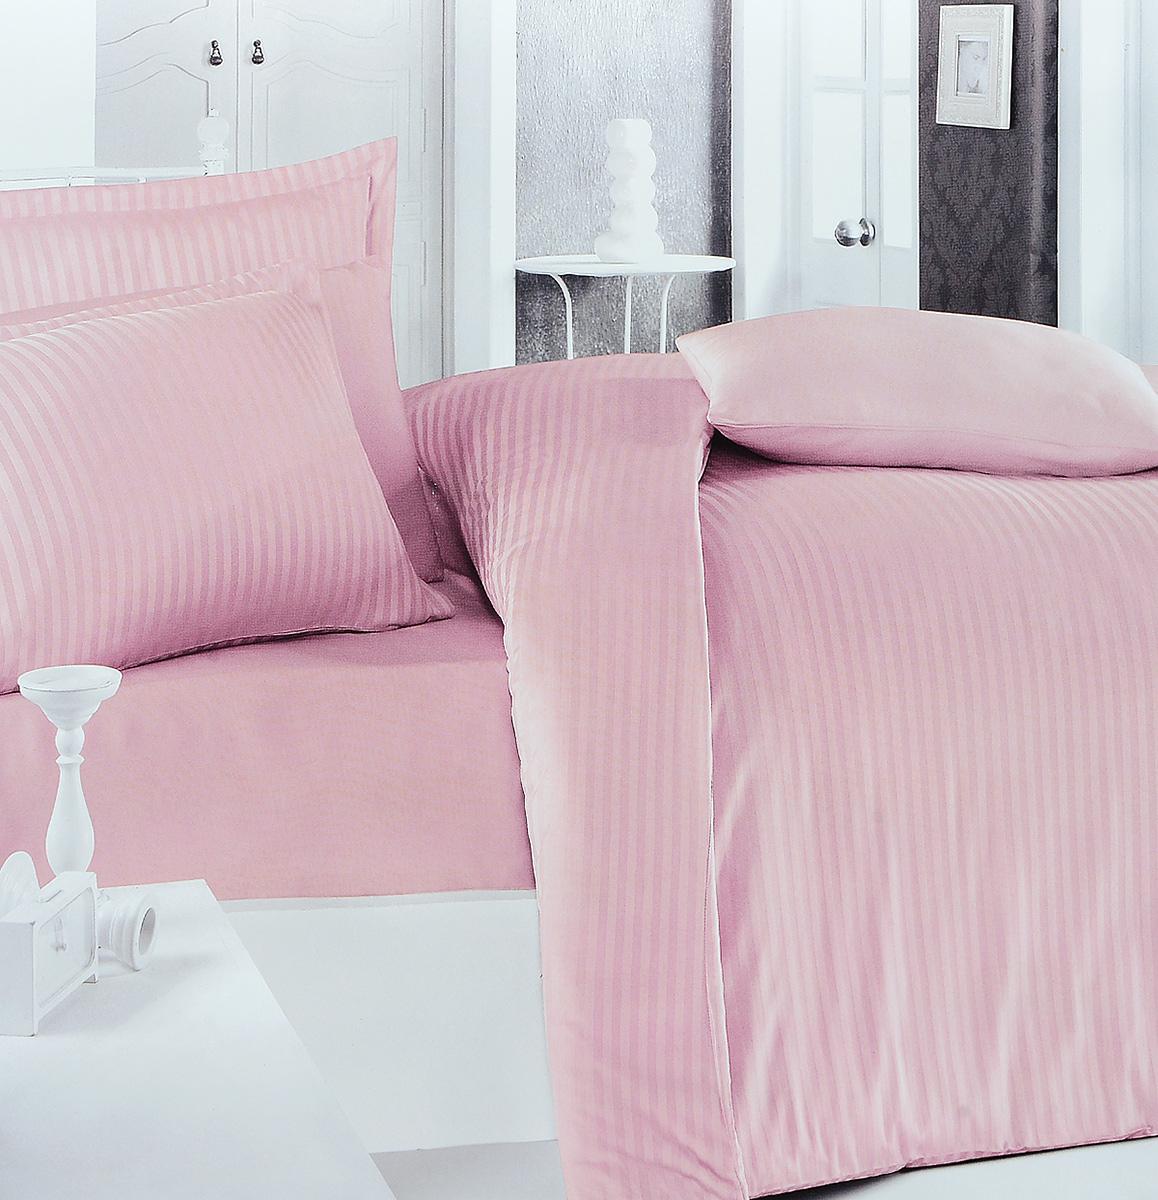 Комплект белья Clasy Stripe Satin, евро, наволочки 50х70, цвет: розовый00000005236Комплект постельного белья Clasy Stripe Satin состоит изпододеяльника на пуговицах, простыни и 4 наволочек (2стандартные и 2 с ушками). Изделия выполнены из страйп-сатина (100% хлопок). Страйп-сатин - это очень прочная жаккардовая ткань из 100%хлопка. На вид он напоминает обычный сатин, но сполосками, которые появляются благодаря разномунаправлению нитей в ткани. Страйп-сатин универсален: онподойдет к любому интерьеру, прослужит вам долго, арисунок никогда не поблекнет. Из страйп-сатина делаютэлитное постельное белье, по всем качествам его можносравнить с самыми дорогими образцами хлопкового белья.Ткань гладкая и имеет ровный матовый блеск. Секретзаключается в особенно плотном сатиновом переплетении.Несмотря на особую плотность, это постельное белье оченьмягкое, спать на нем уютно и тепло. Ткань обладаетотличными гигиеническими свойствами - гигроскопичностью,воздухопроницаемостью и гипоаллергенностью. В производстве белья используются только качественныебезопасные импортные красители, которые не содержатвредных химических веществ и позволяют сохранить яркостькрасок после многократных стирок. Белье упаковано в подарочную картонную коробку.Советы по выбору постельного белья от блогера Ирины Соковых. Статья OZON Гид